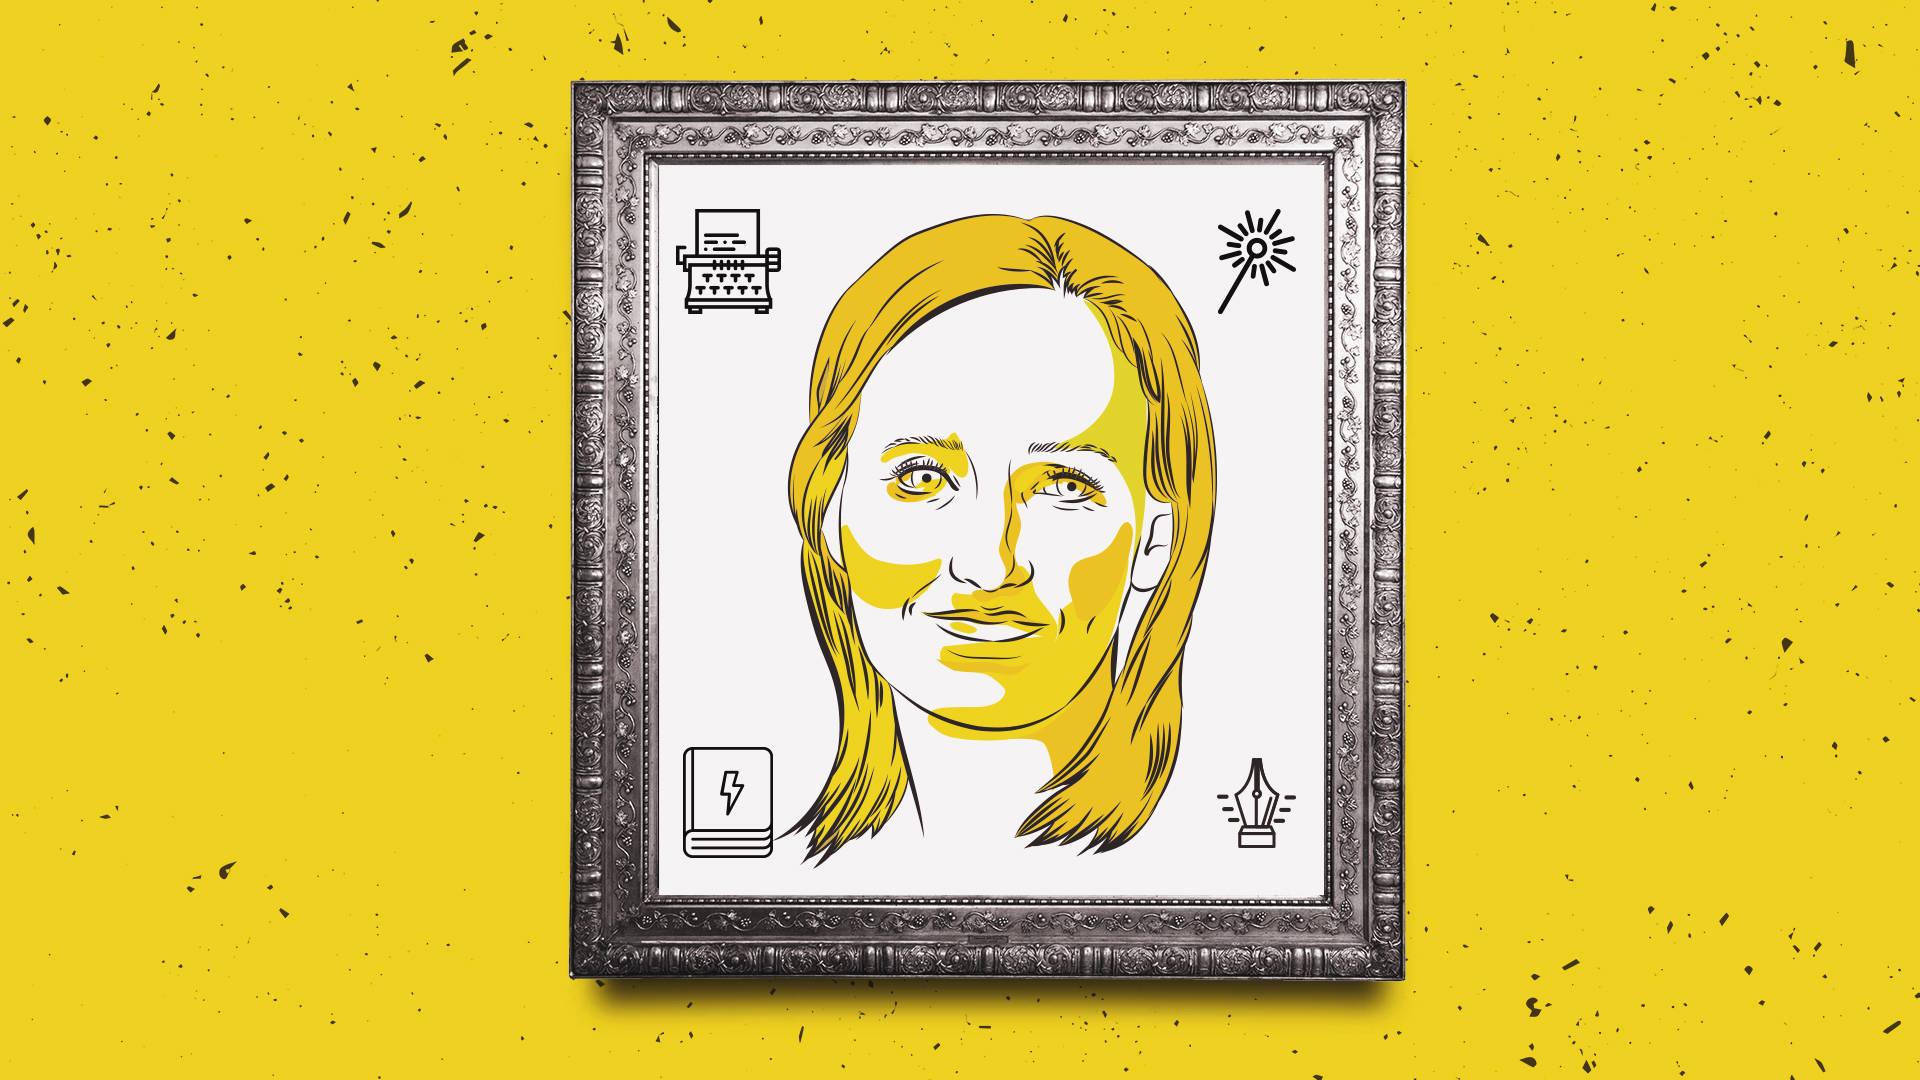 Ilustração do rosto da escritora J.K. Rowling, que escreveu a saga Harry Potter.